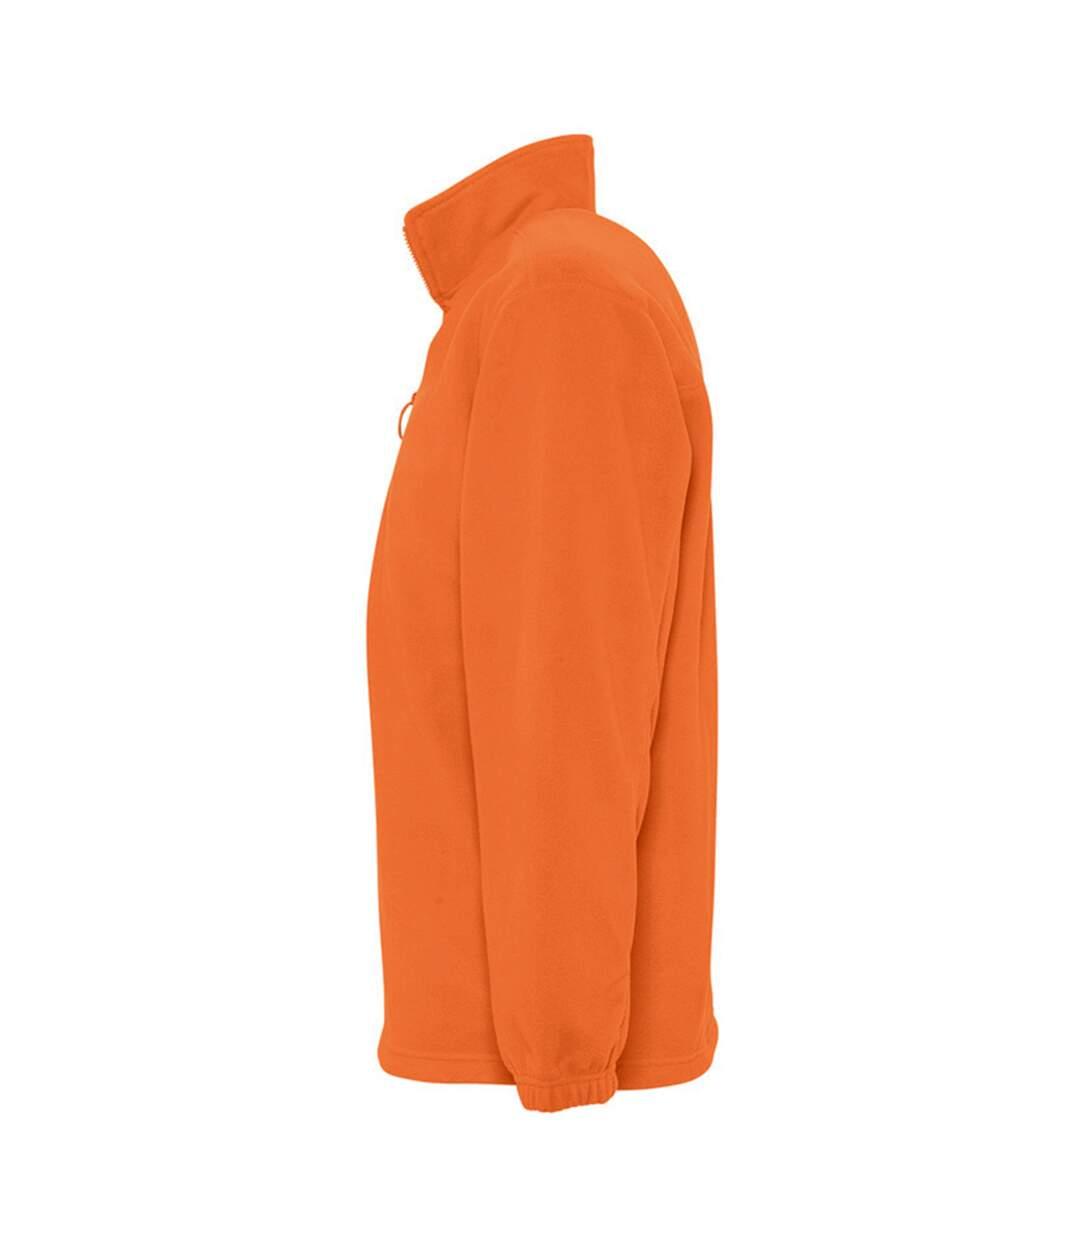 SOLS - Polaire NESS - Homme (Orange foncé) - UTPC345